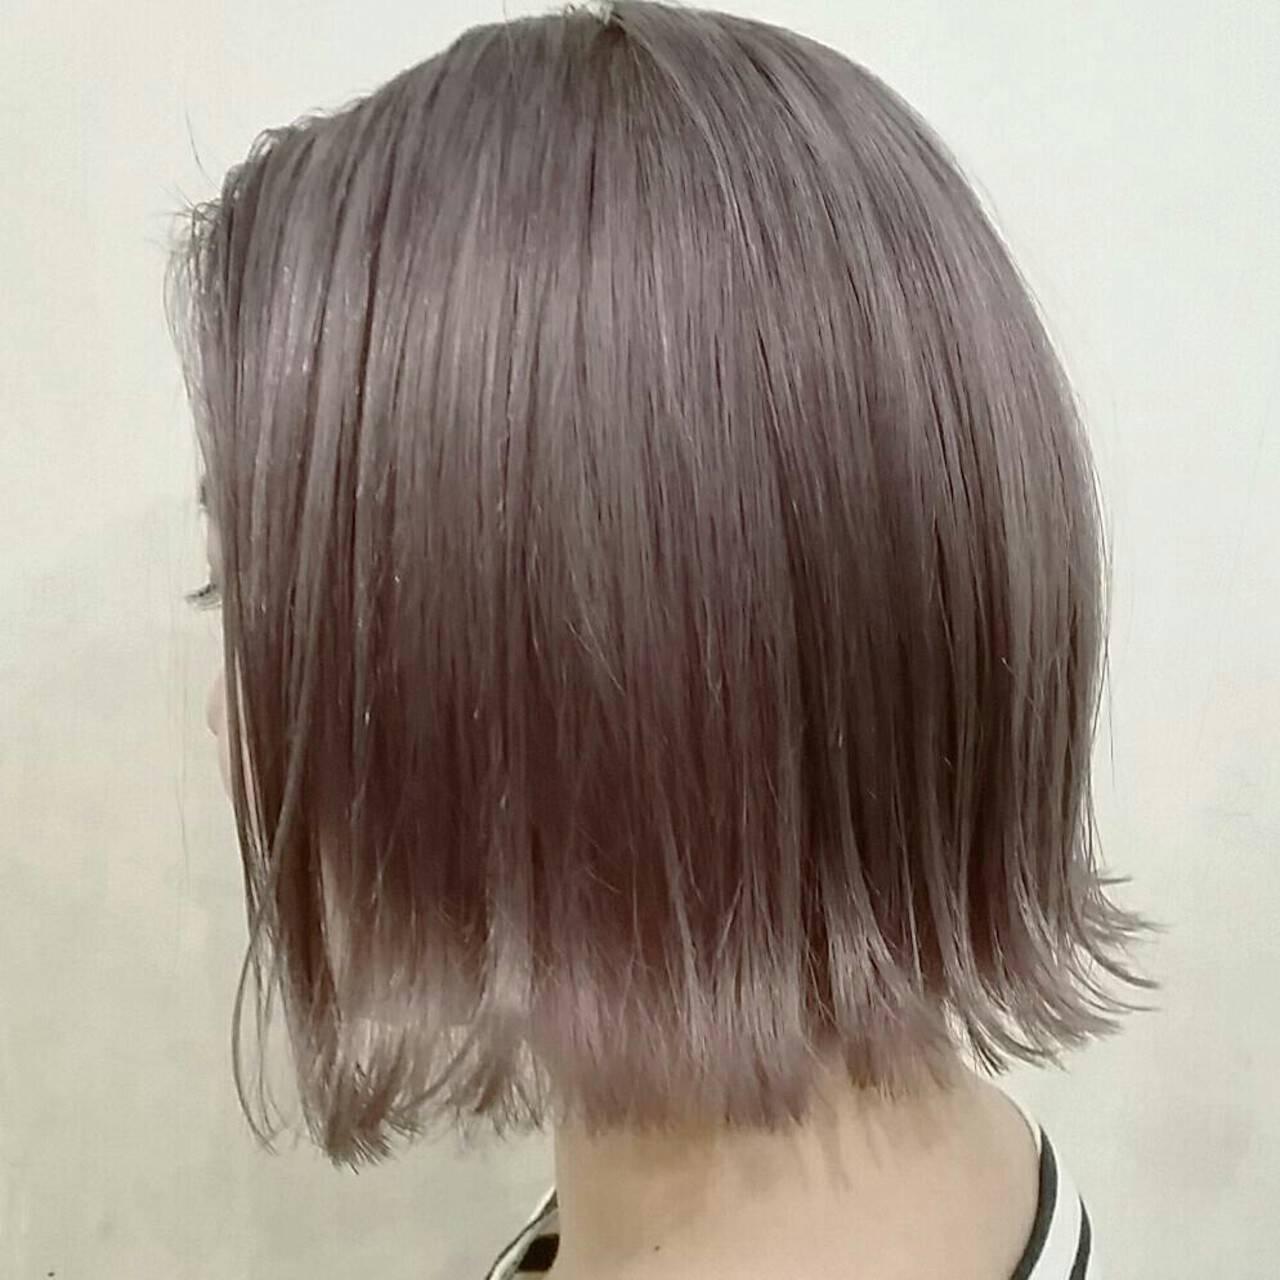 春 モード ボブ アッシュグレージュヘアスタイルや髪型の写真・画像